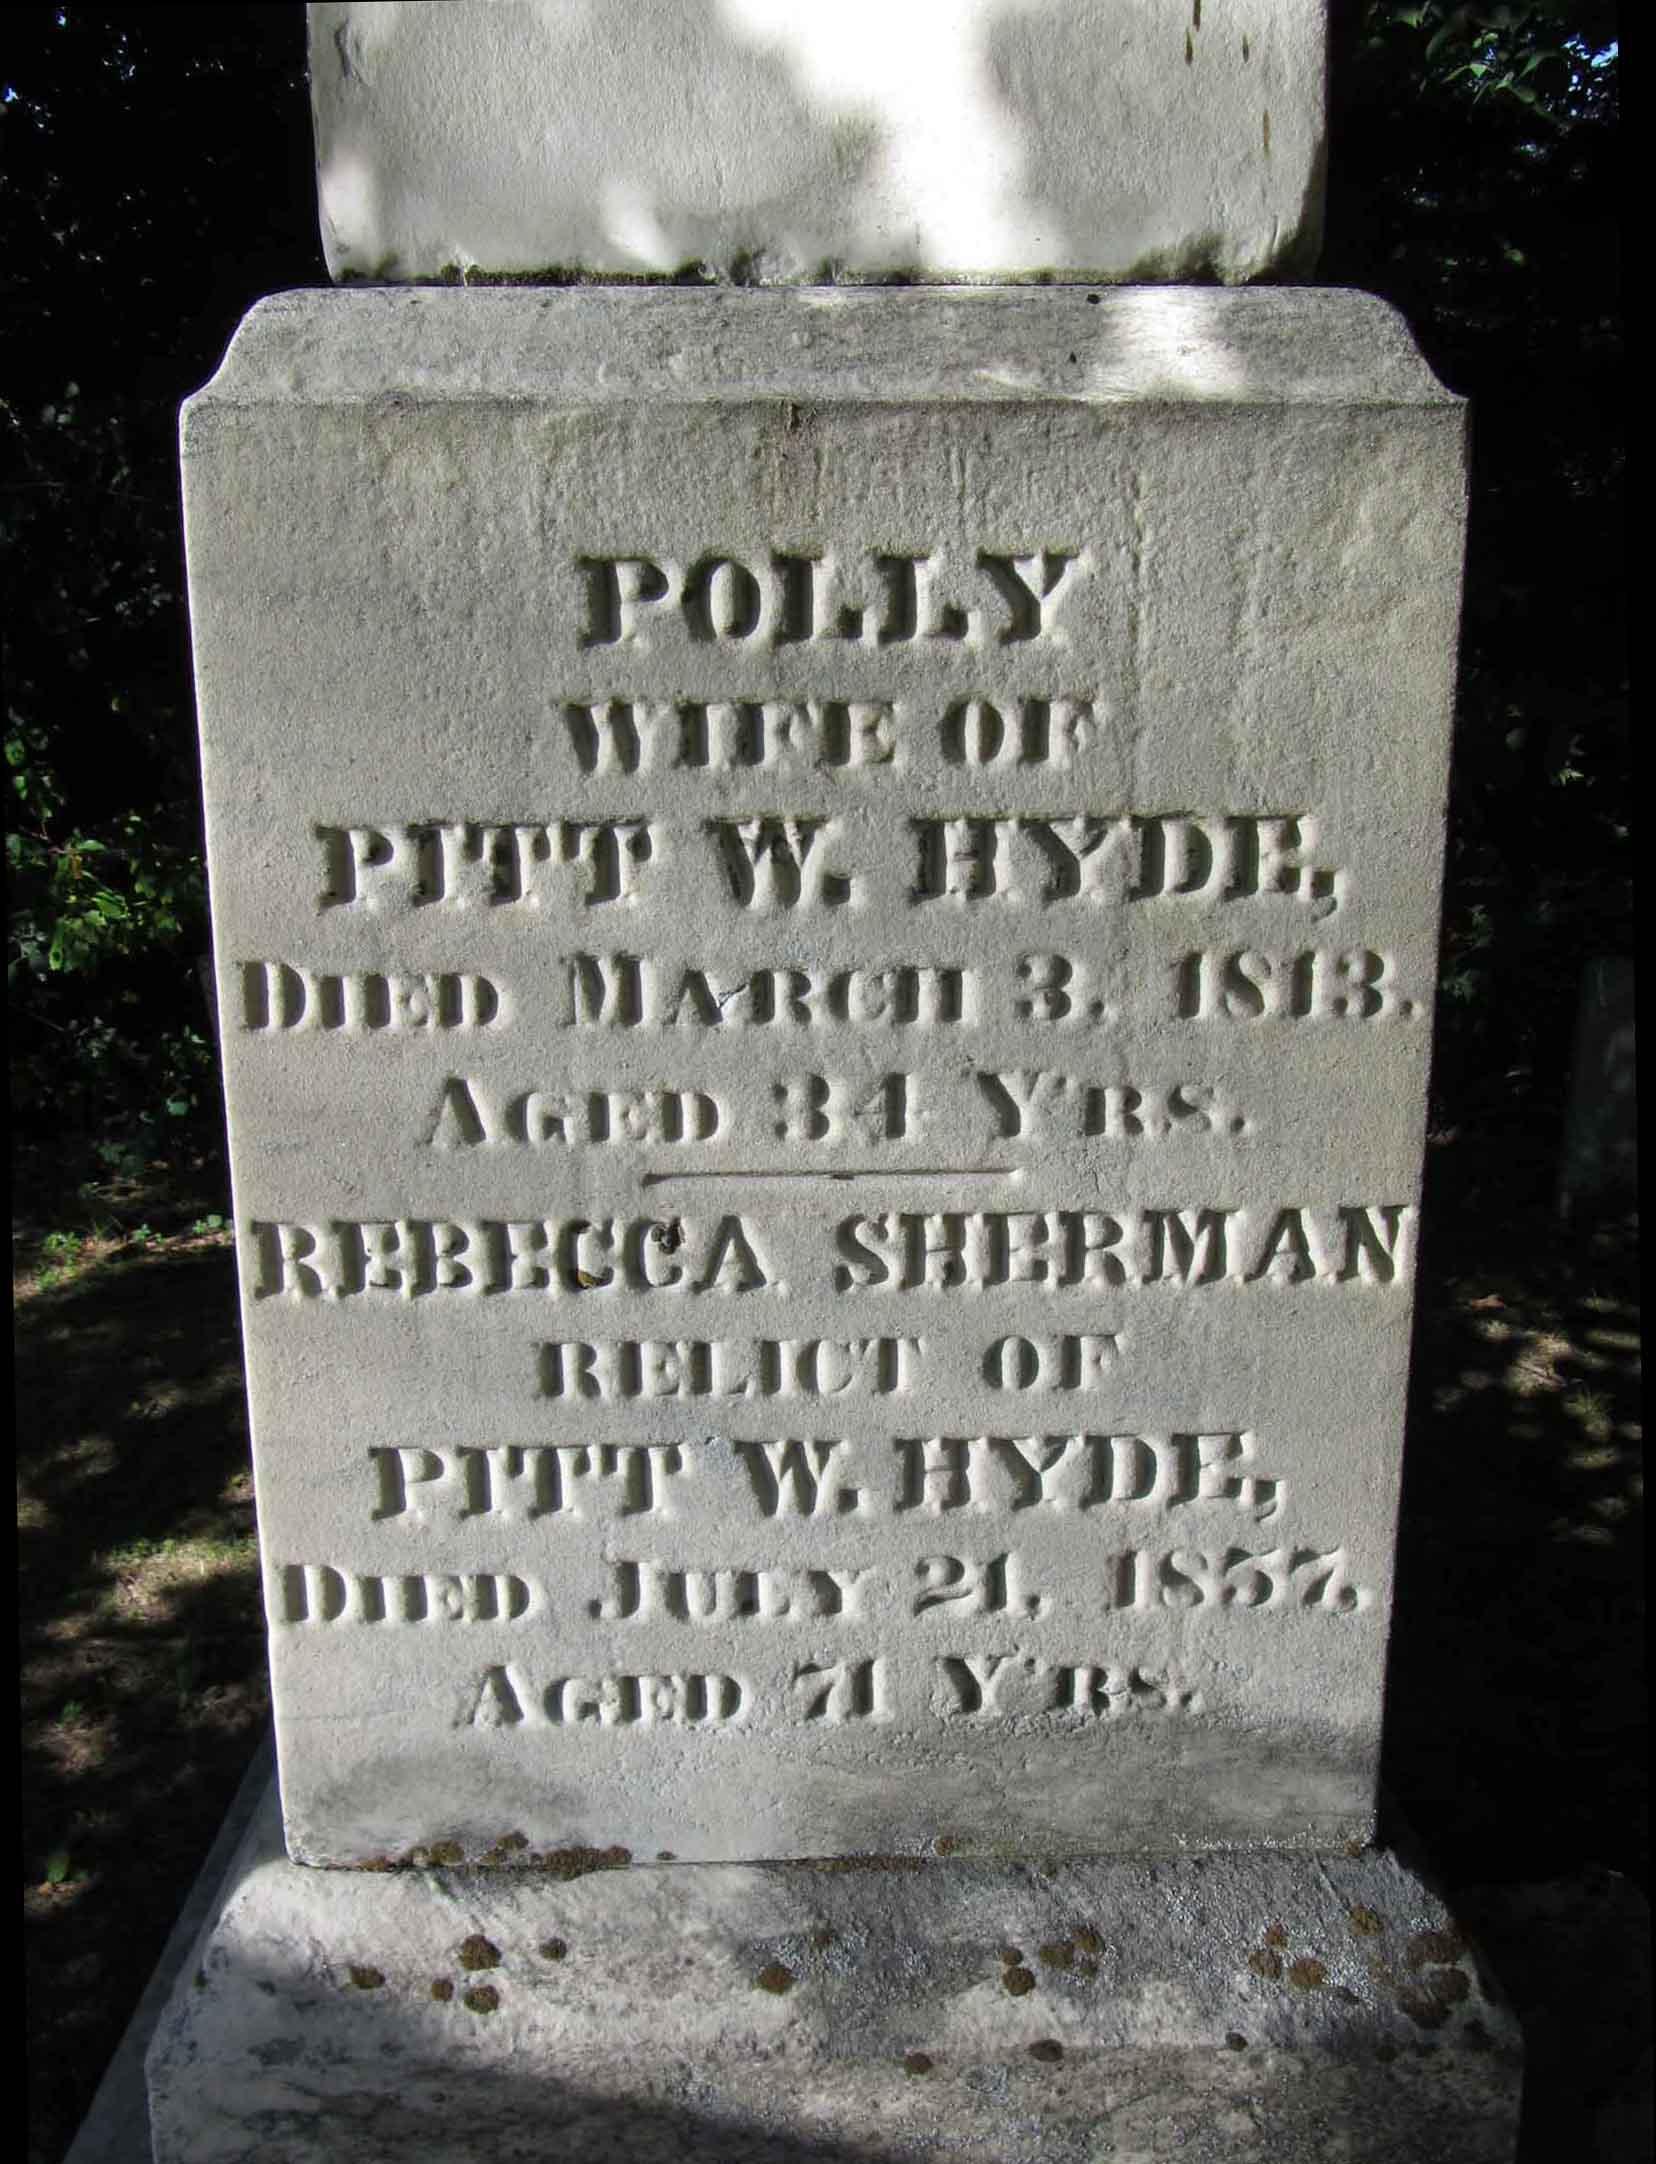 Rebecca <i>Sherman</i> Hyde